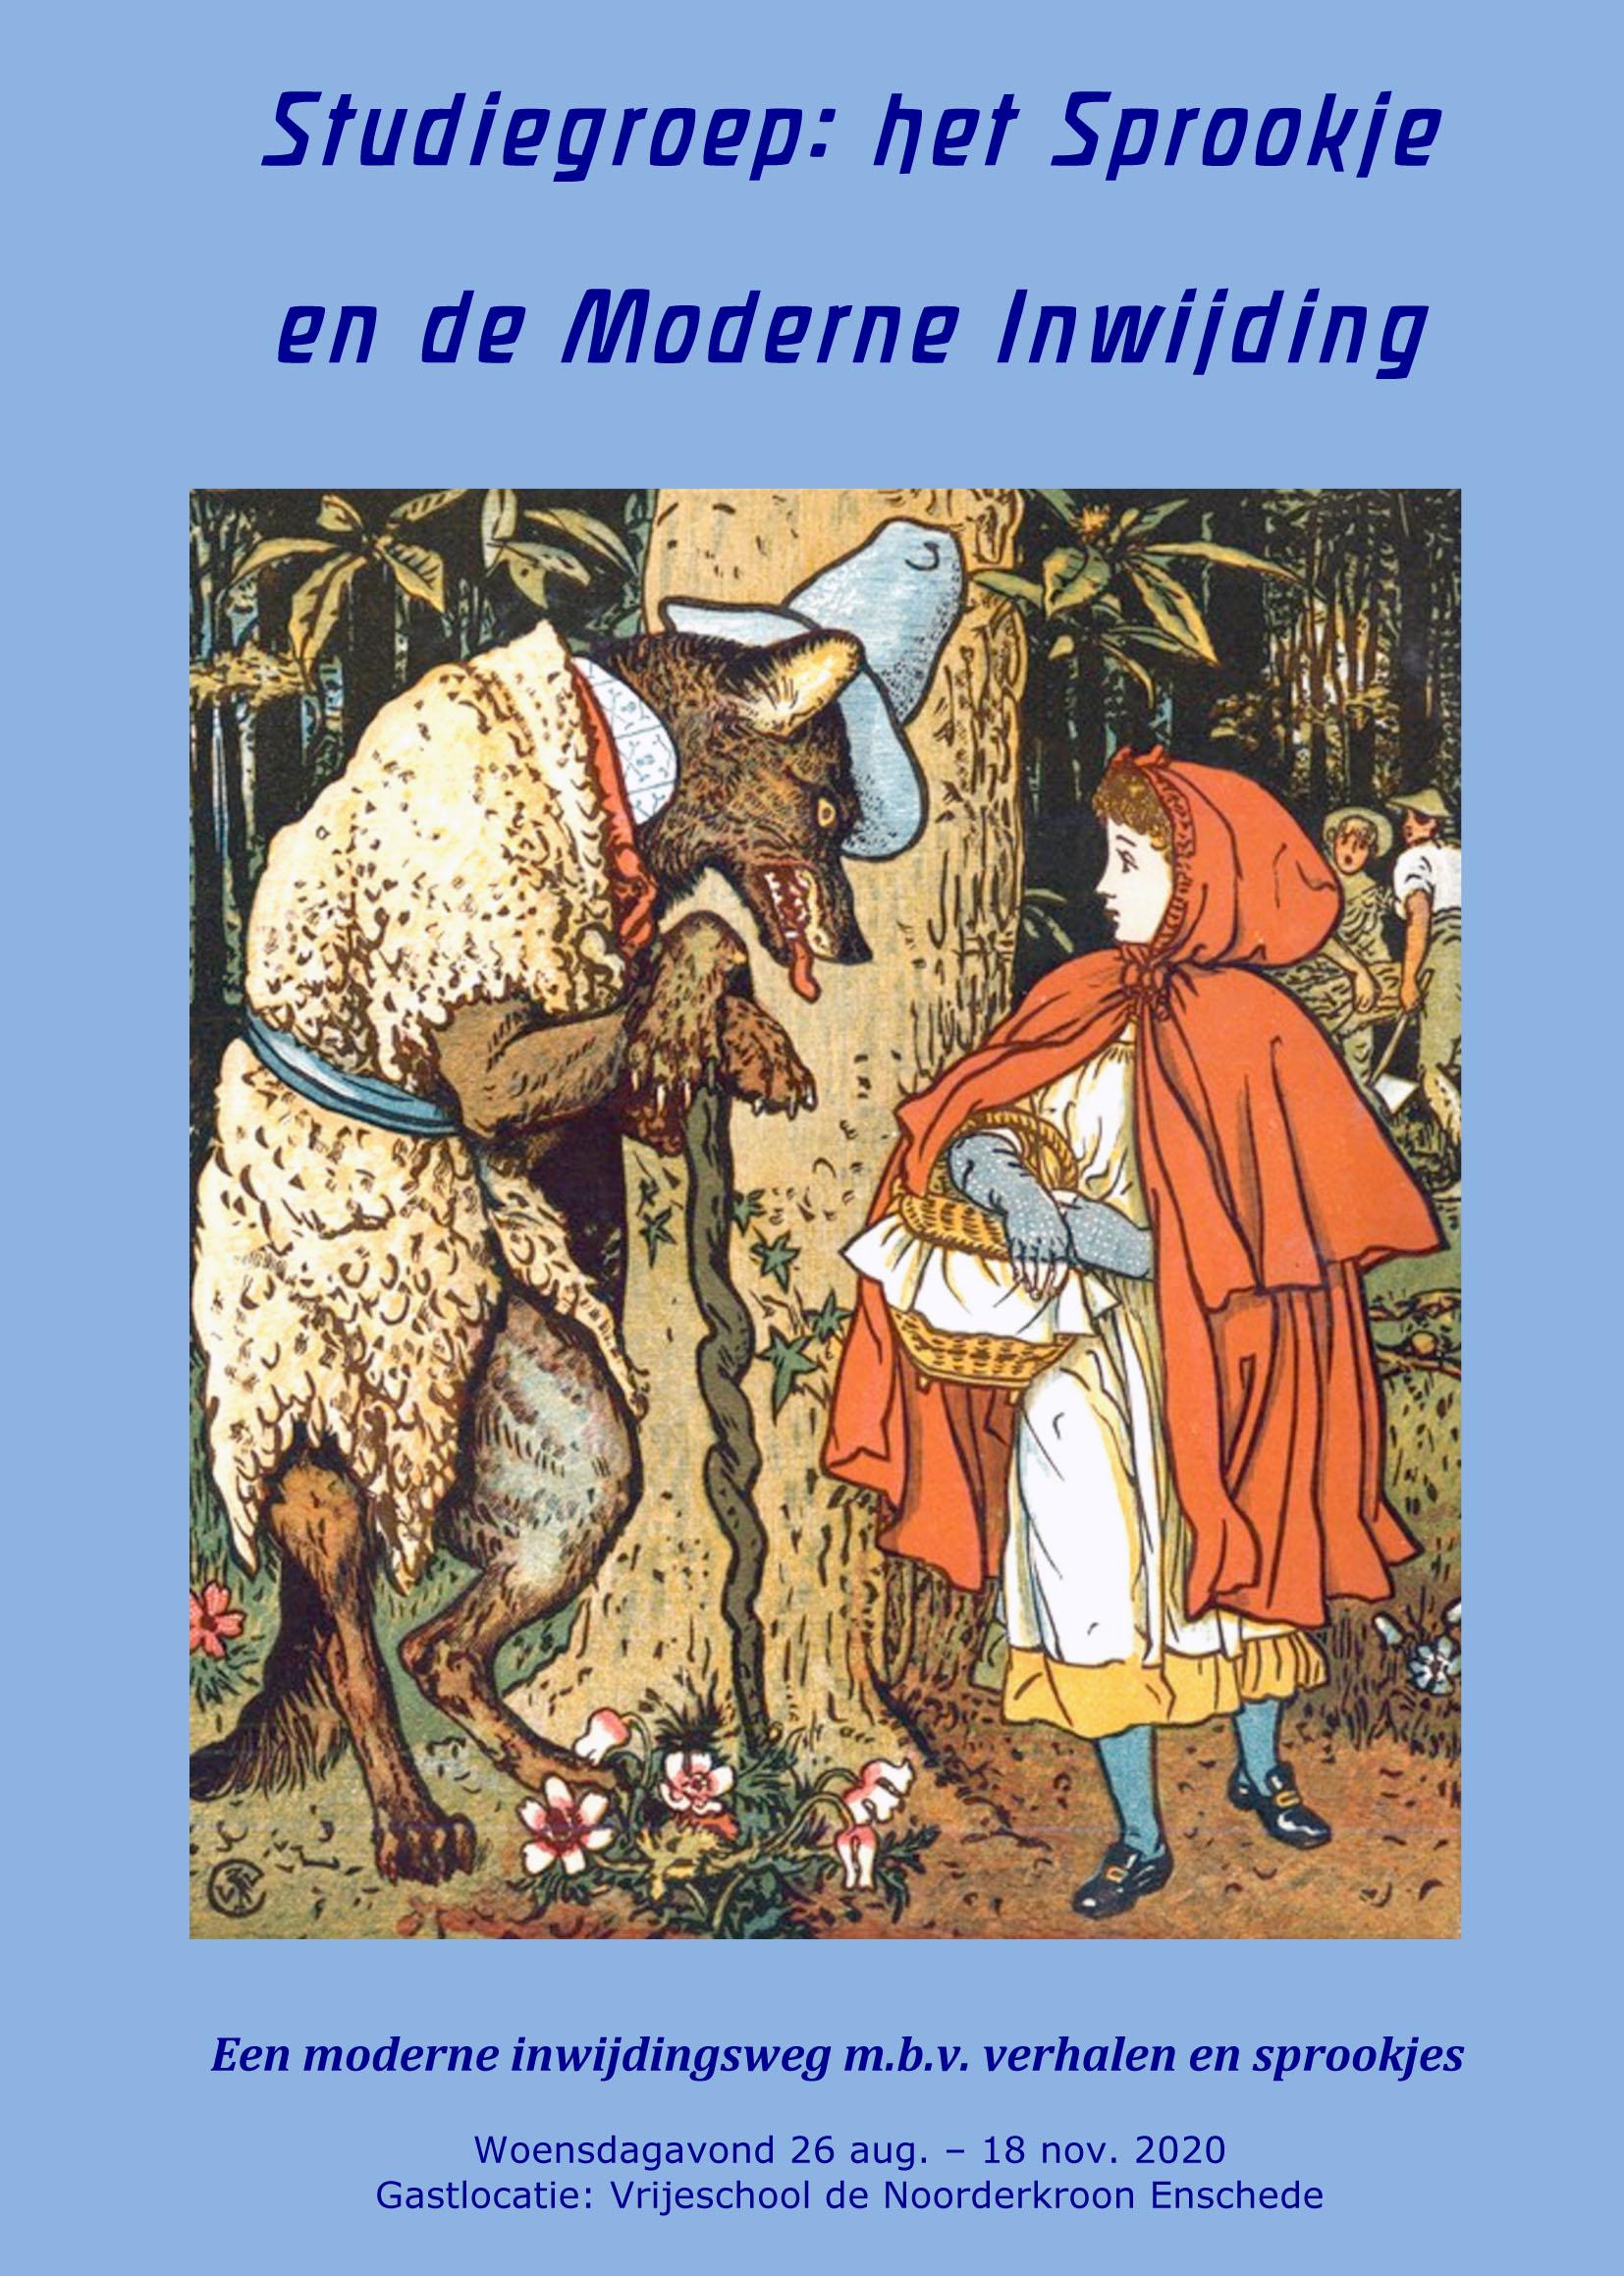 Het Sprookje en de Moderne Inwijding